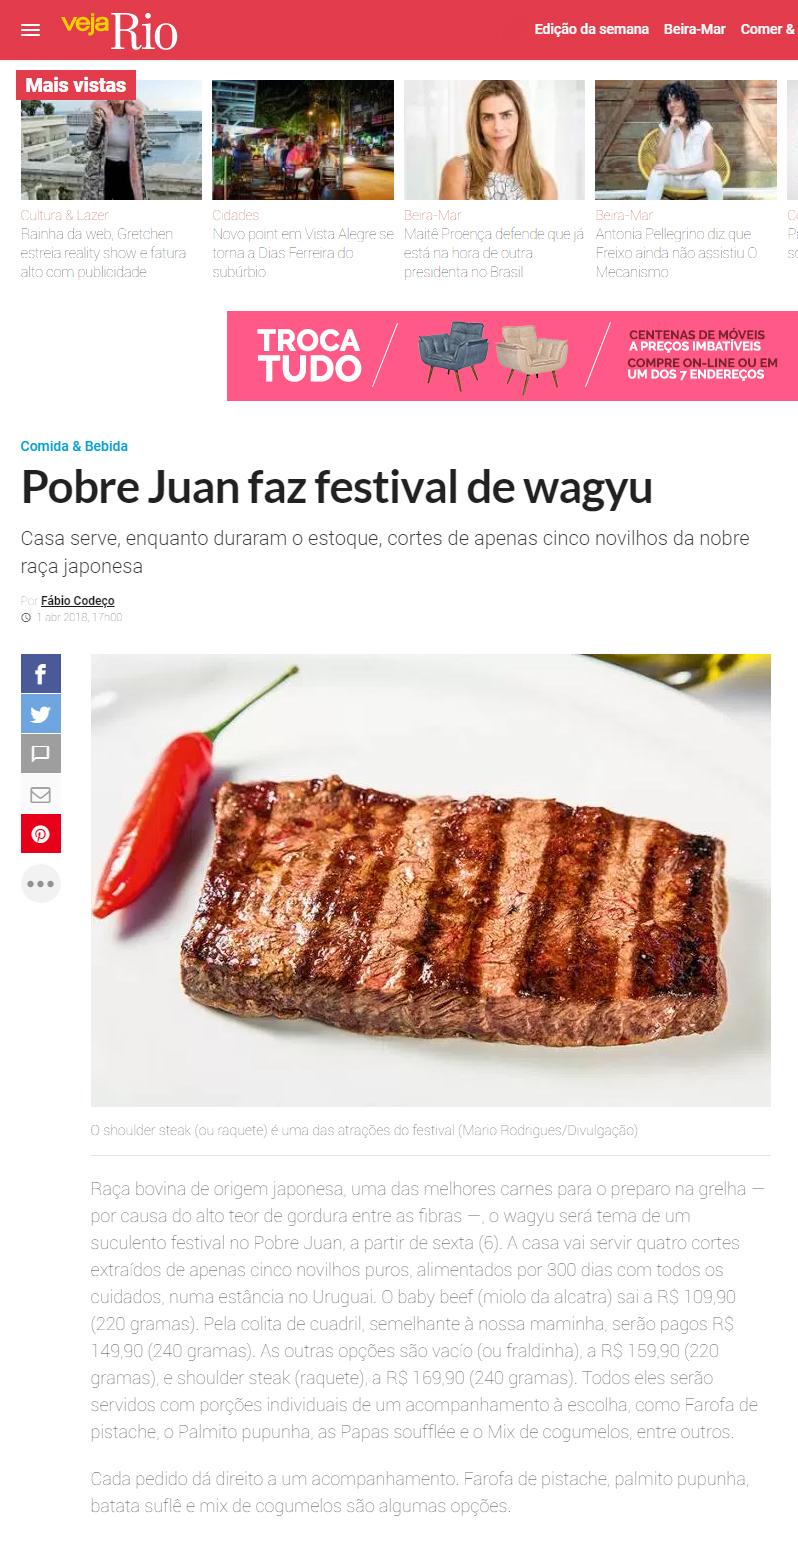 Pólen Comunicação Pobre Juan faz festival de wagyu